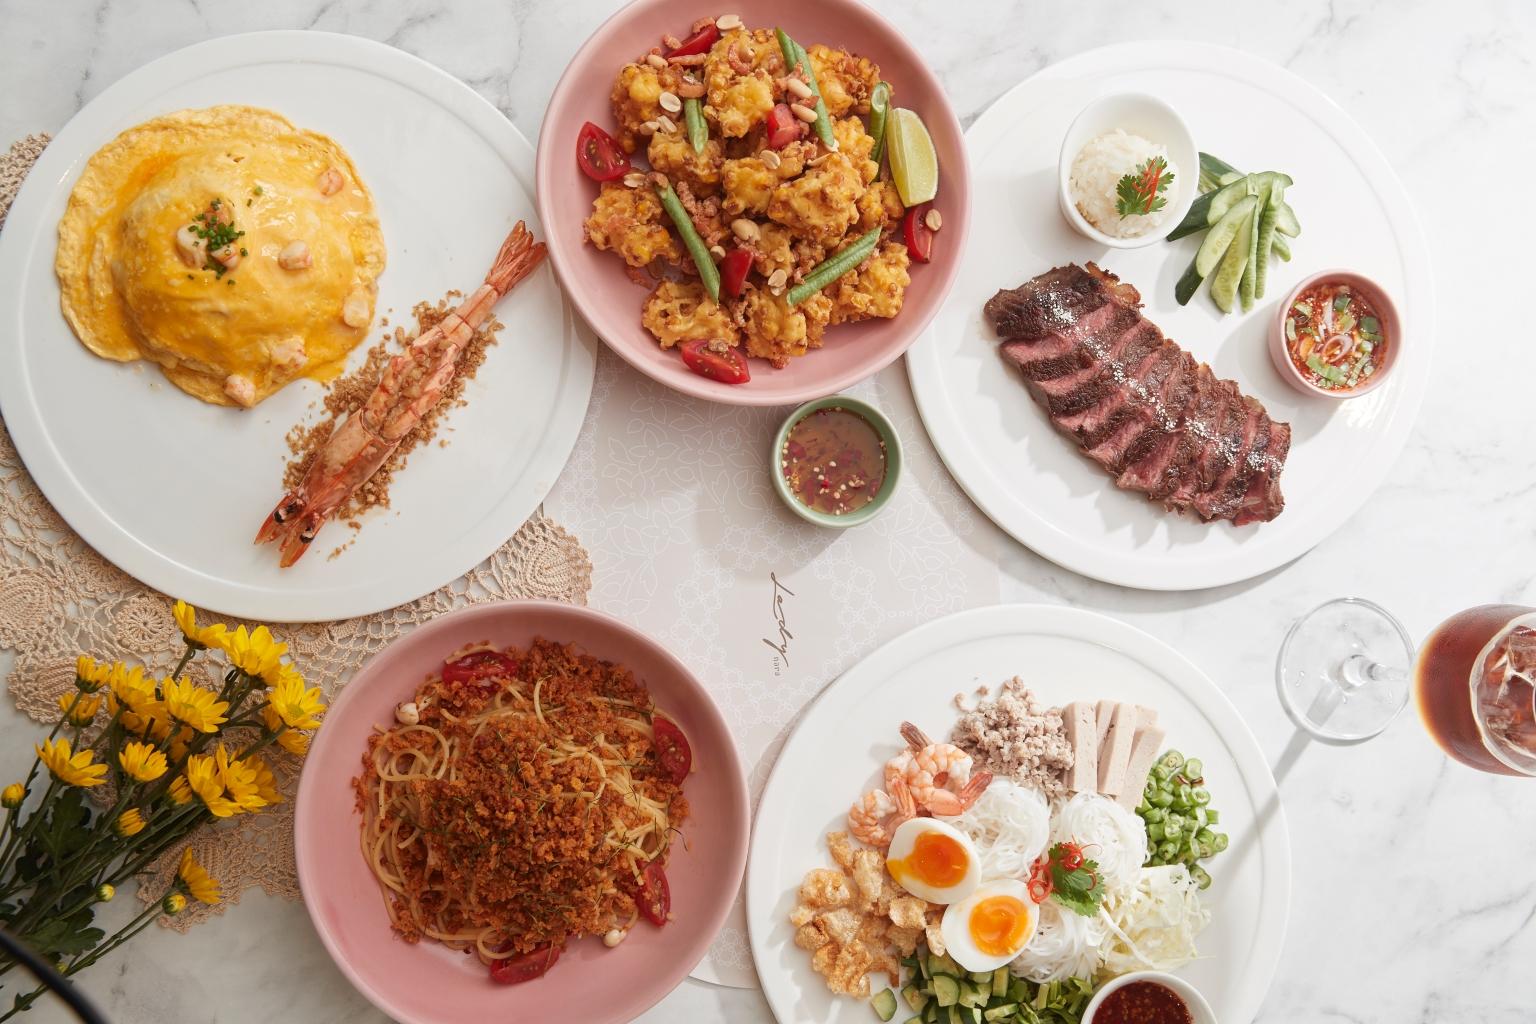 Lady Nara大玩泰食與異國料理混血,多達59道的新泰食料理